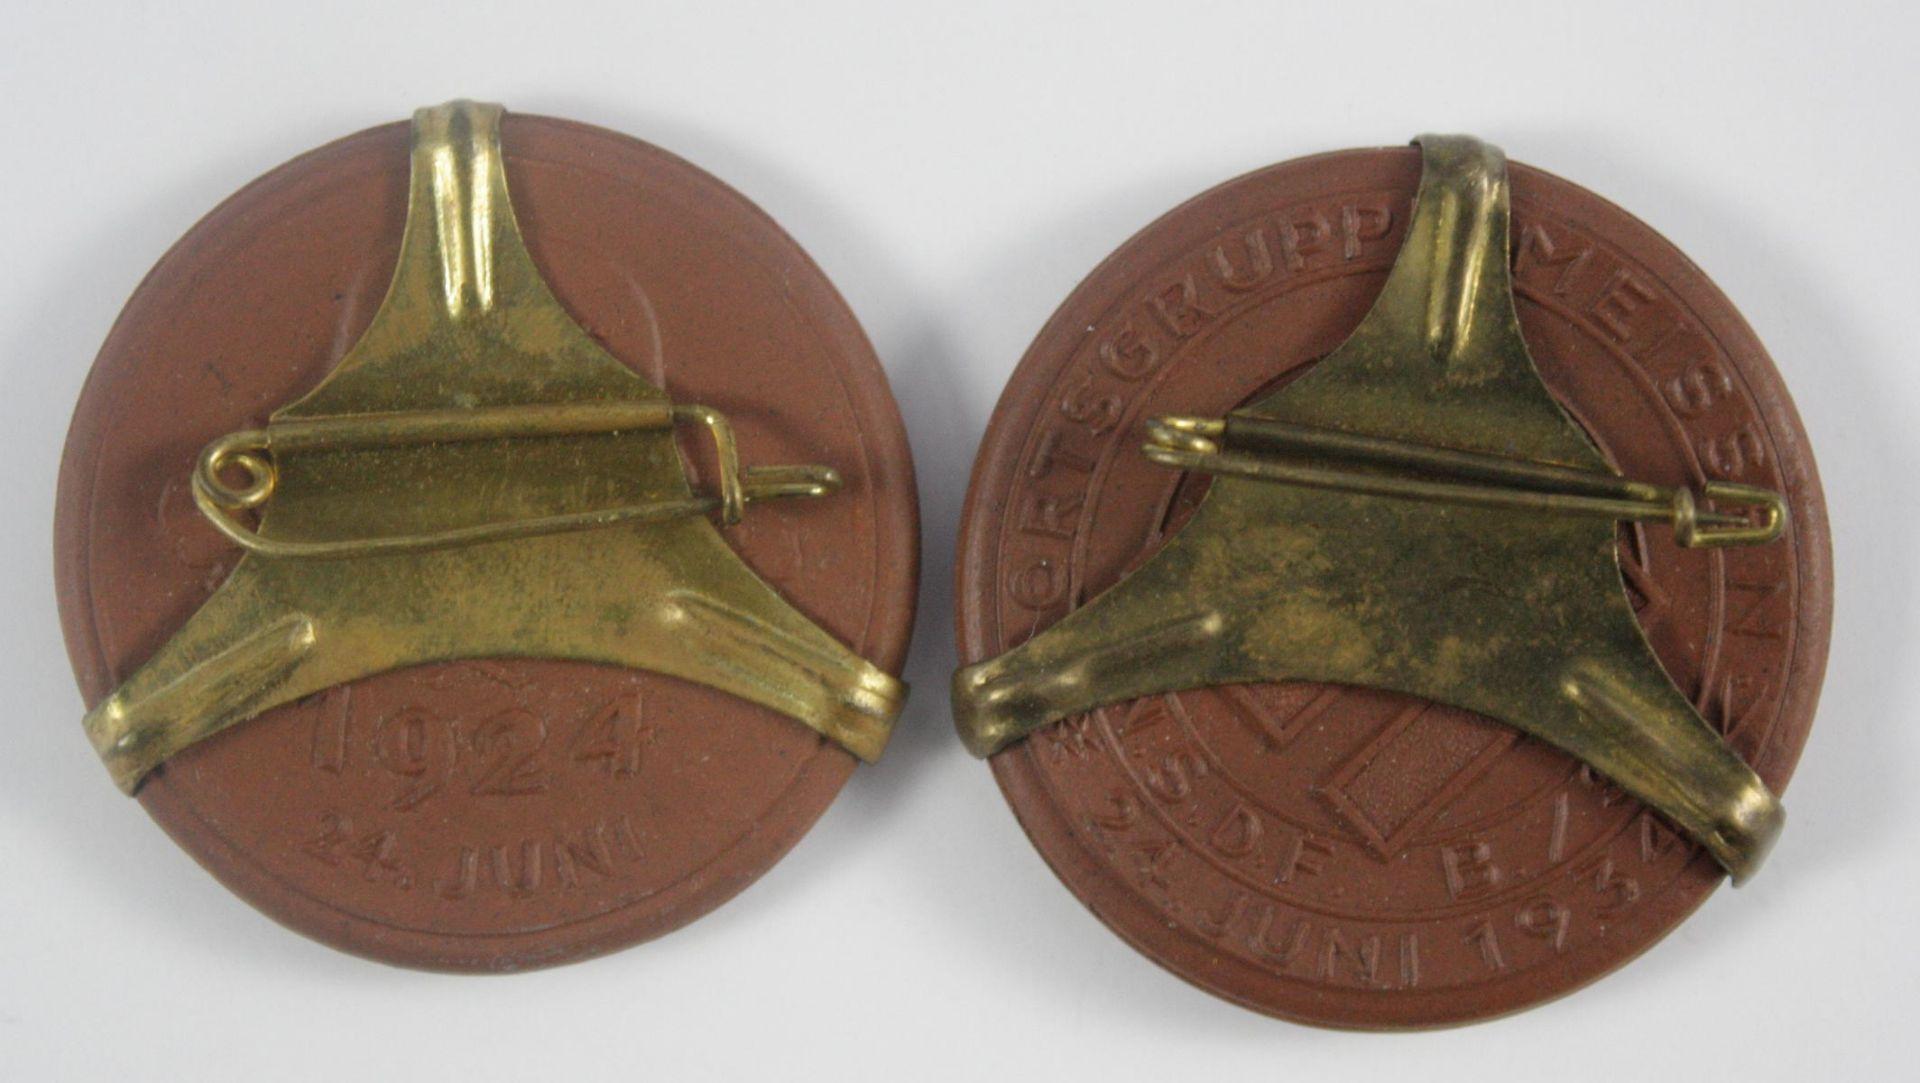 2x Medaille, Meissen Ortsgruppe NSDF B/ST 24. Juni 1934, Stahlhlembund - Bild 2 aus 2